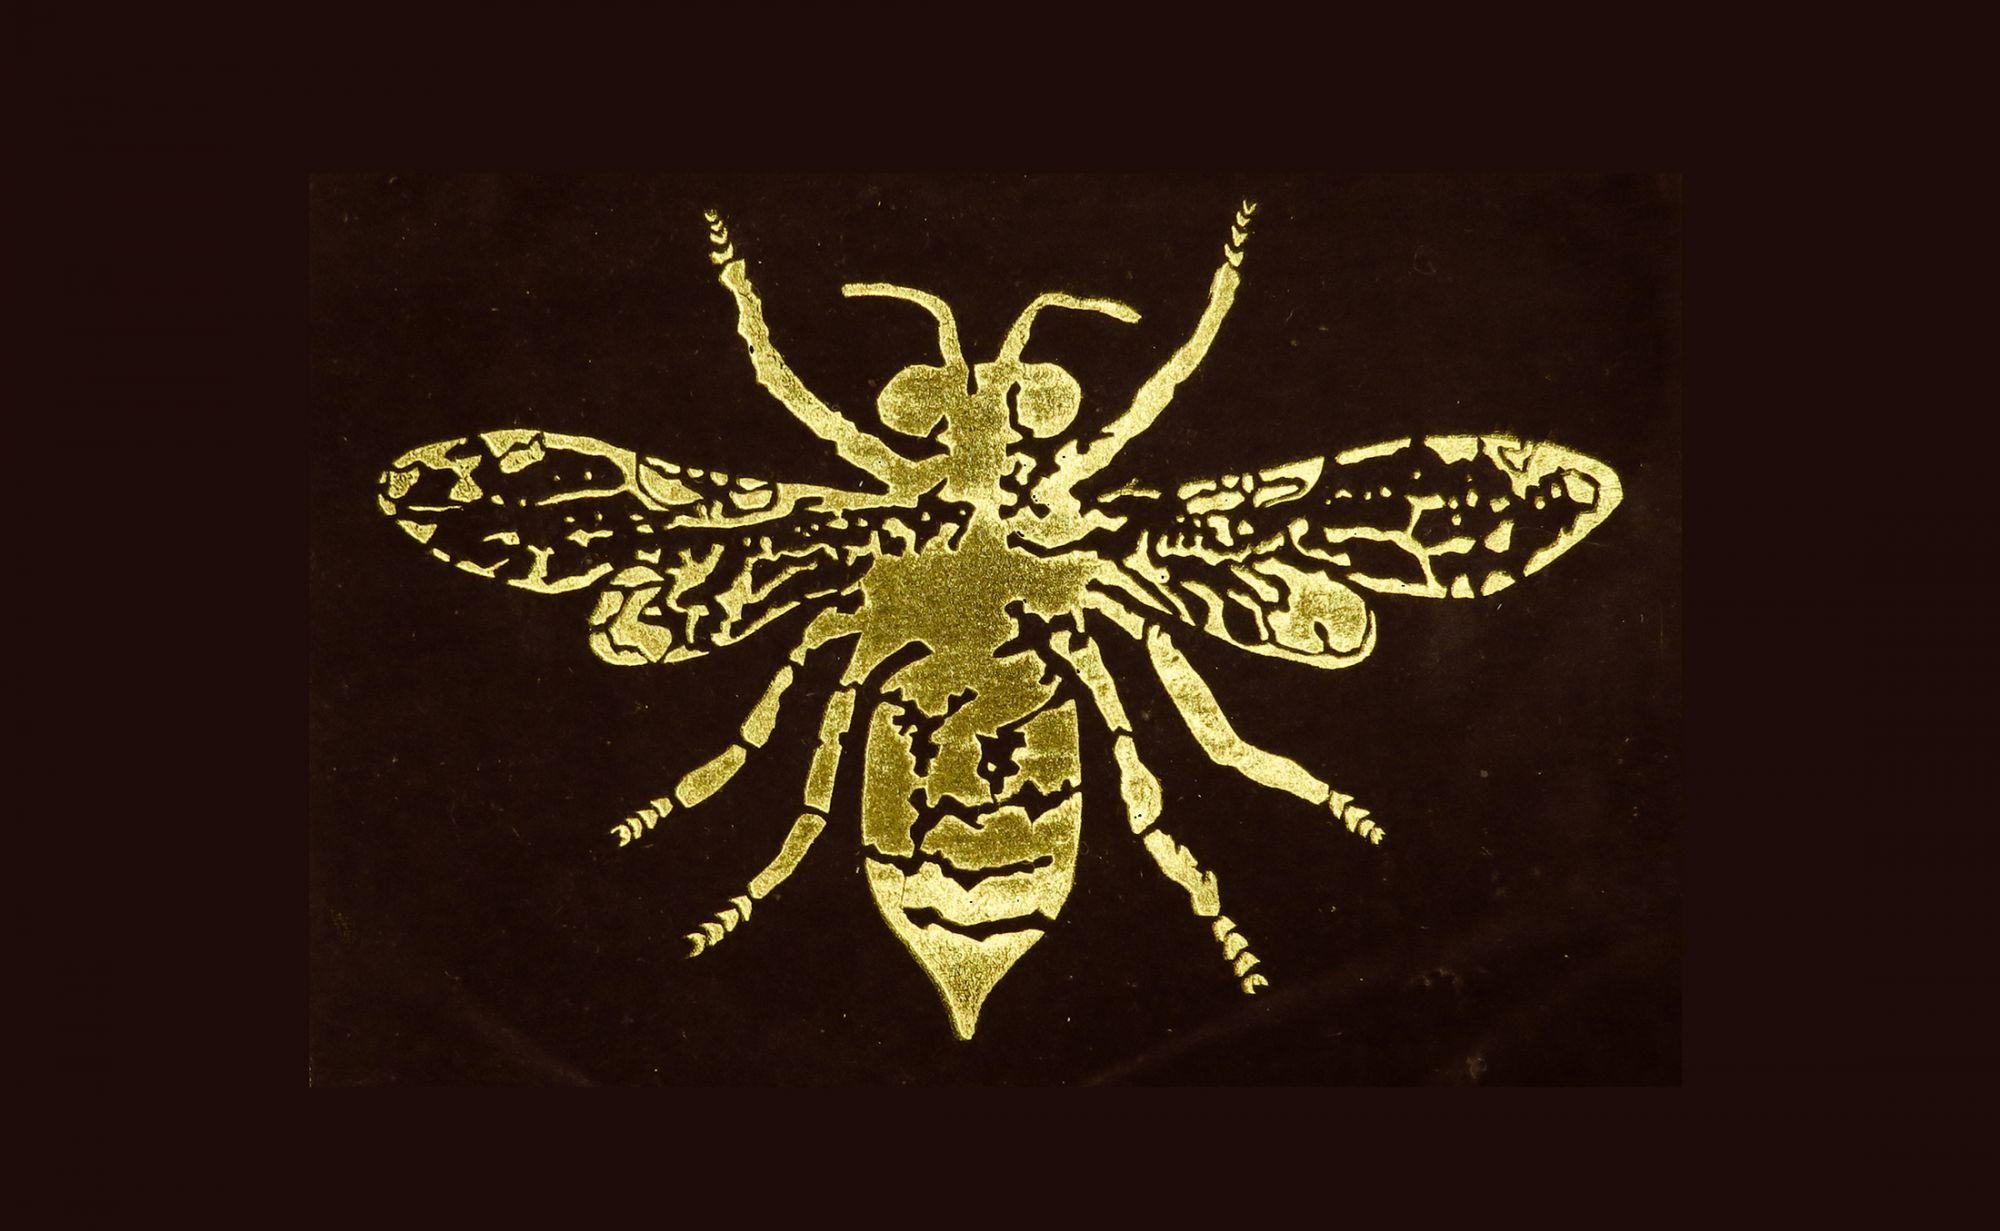 Hive Alive 2021